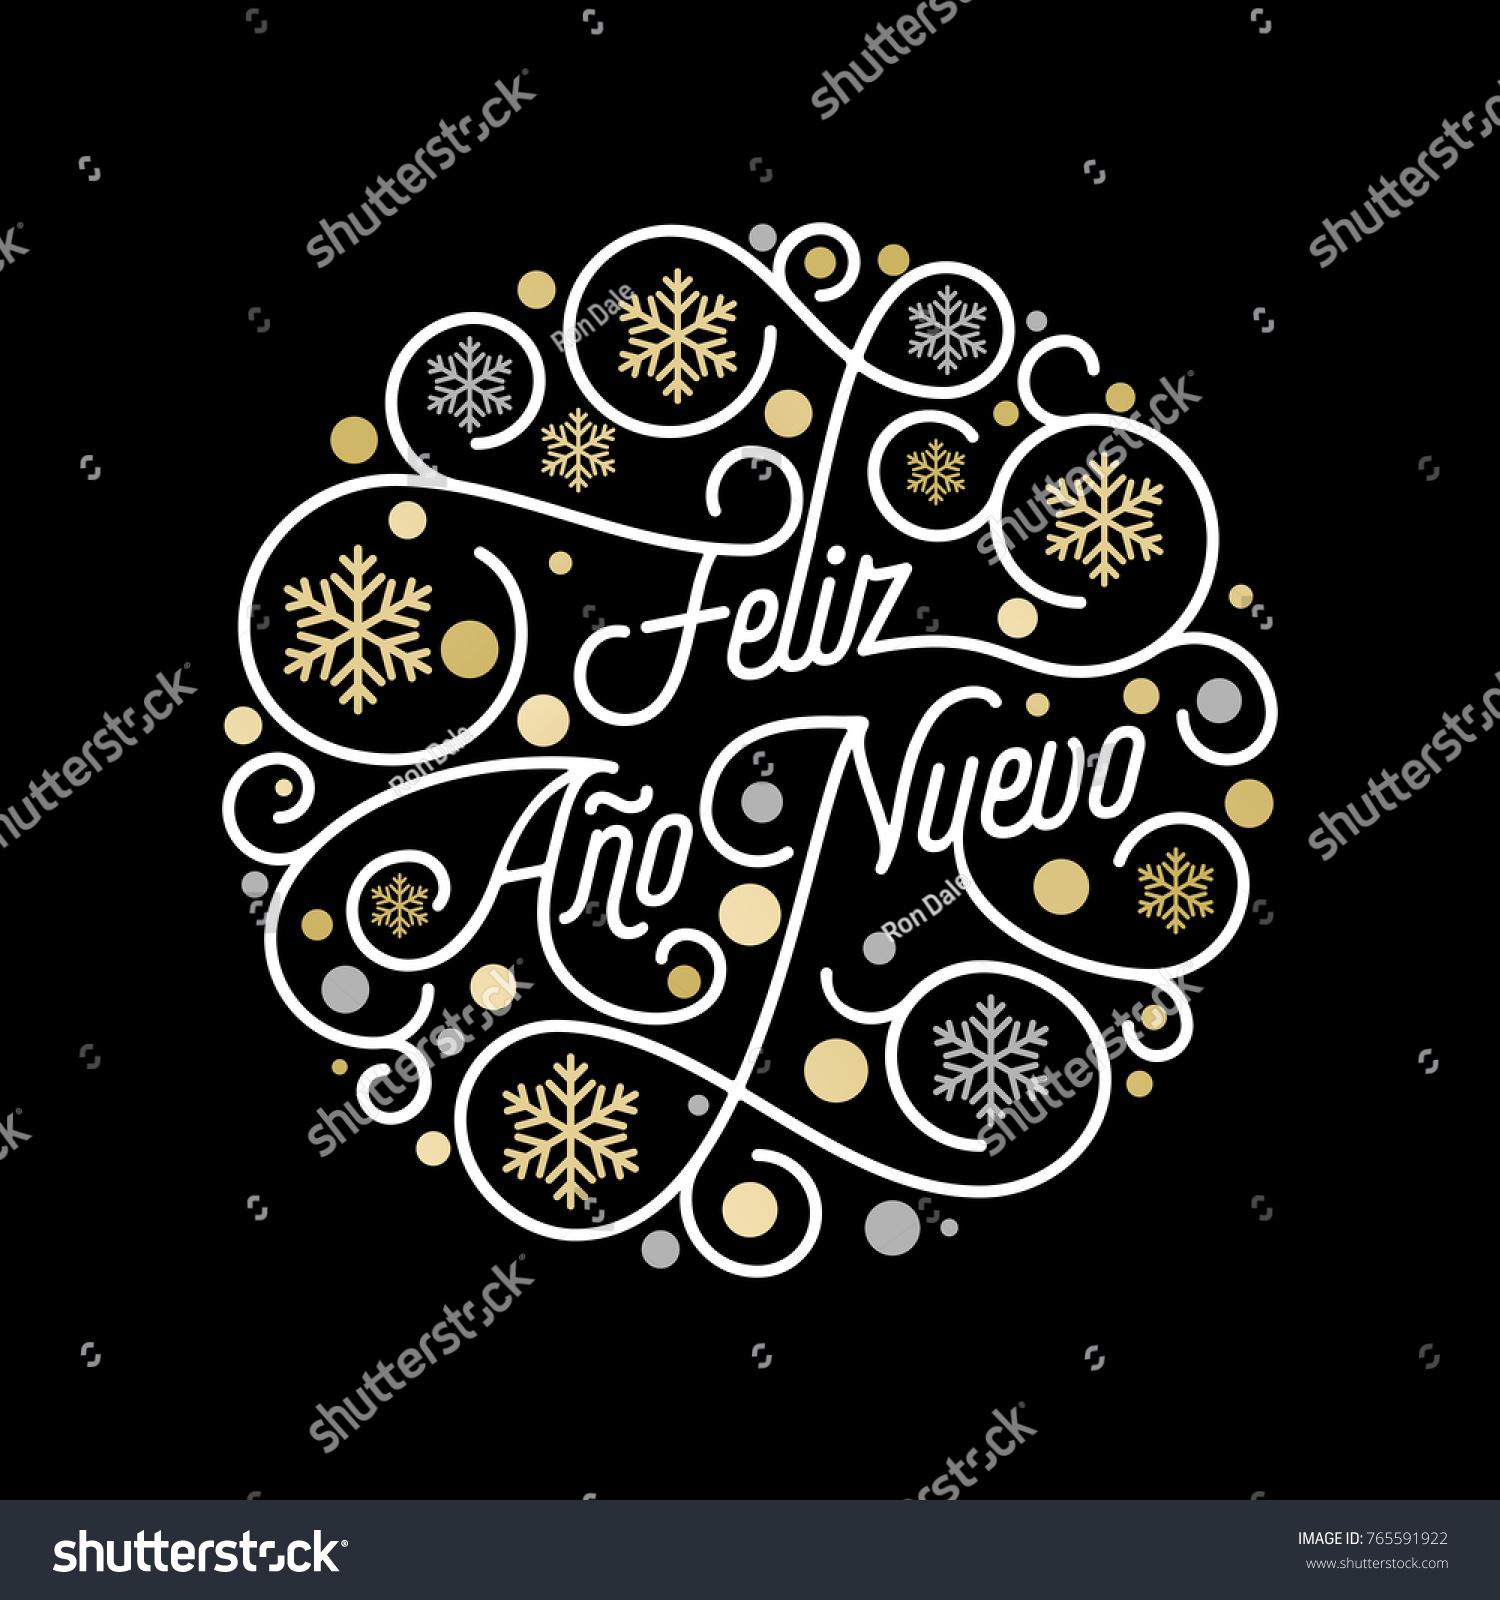 Feliz Ano Nuevo Spanish Happy New Stock Vector (Royalty Free ...